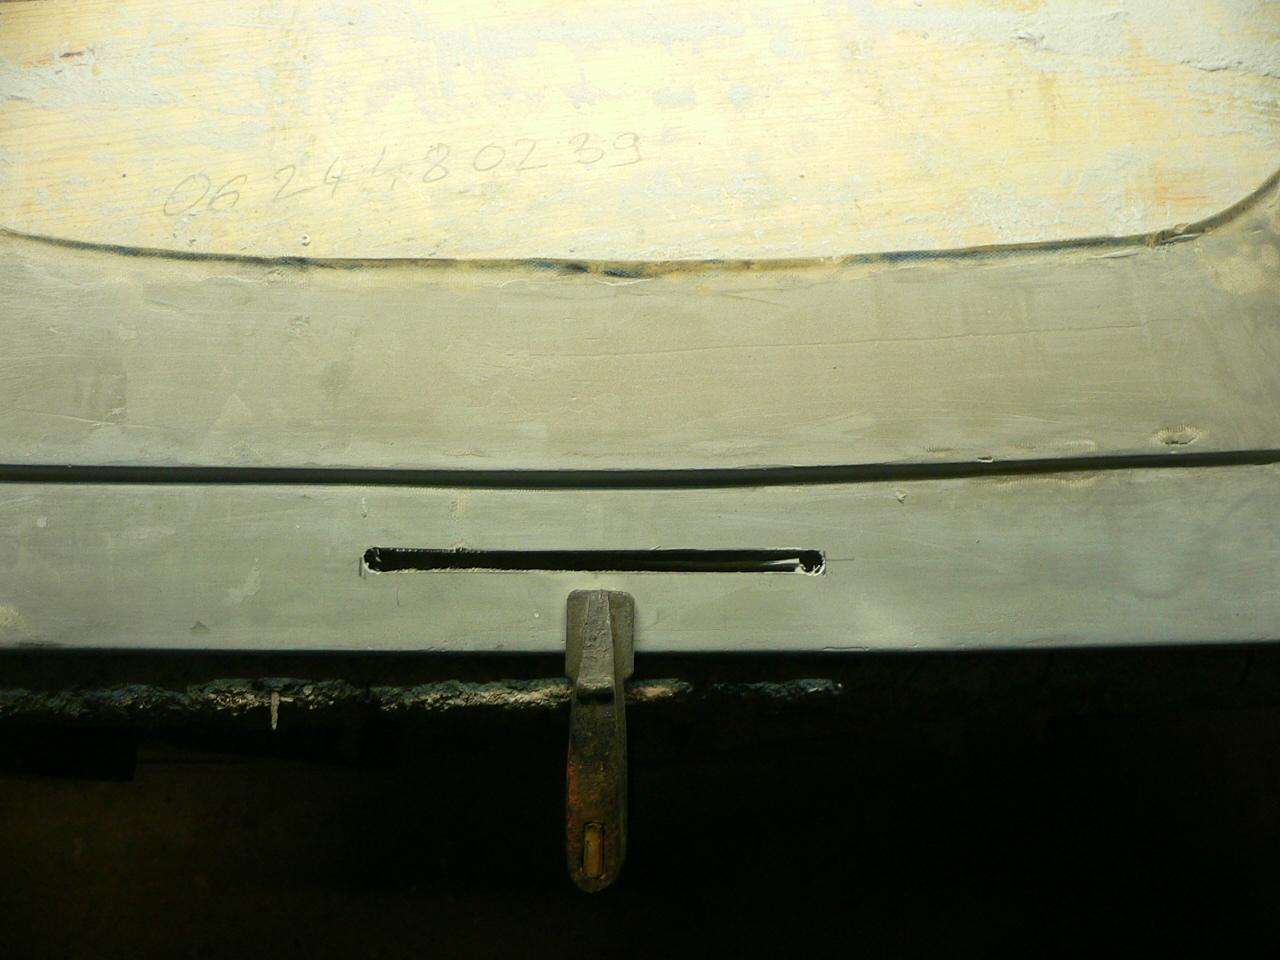 Mobilier de Dingue - Page 21 19041302145224770316198276